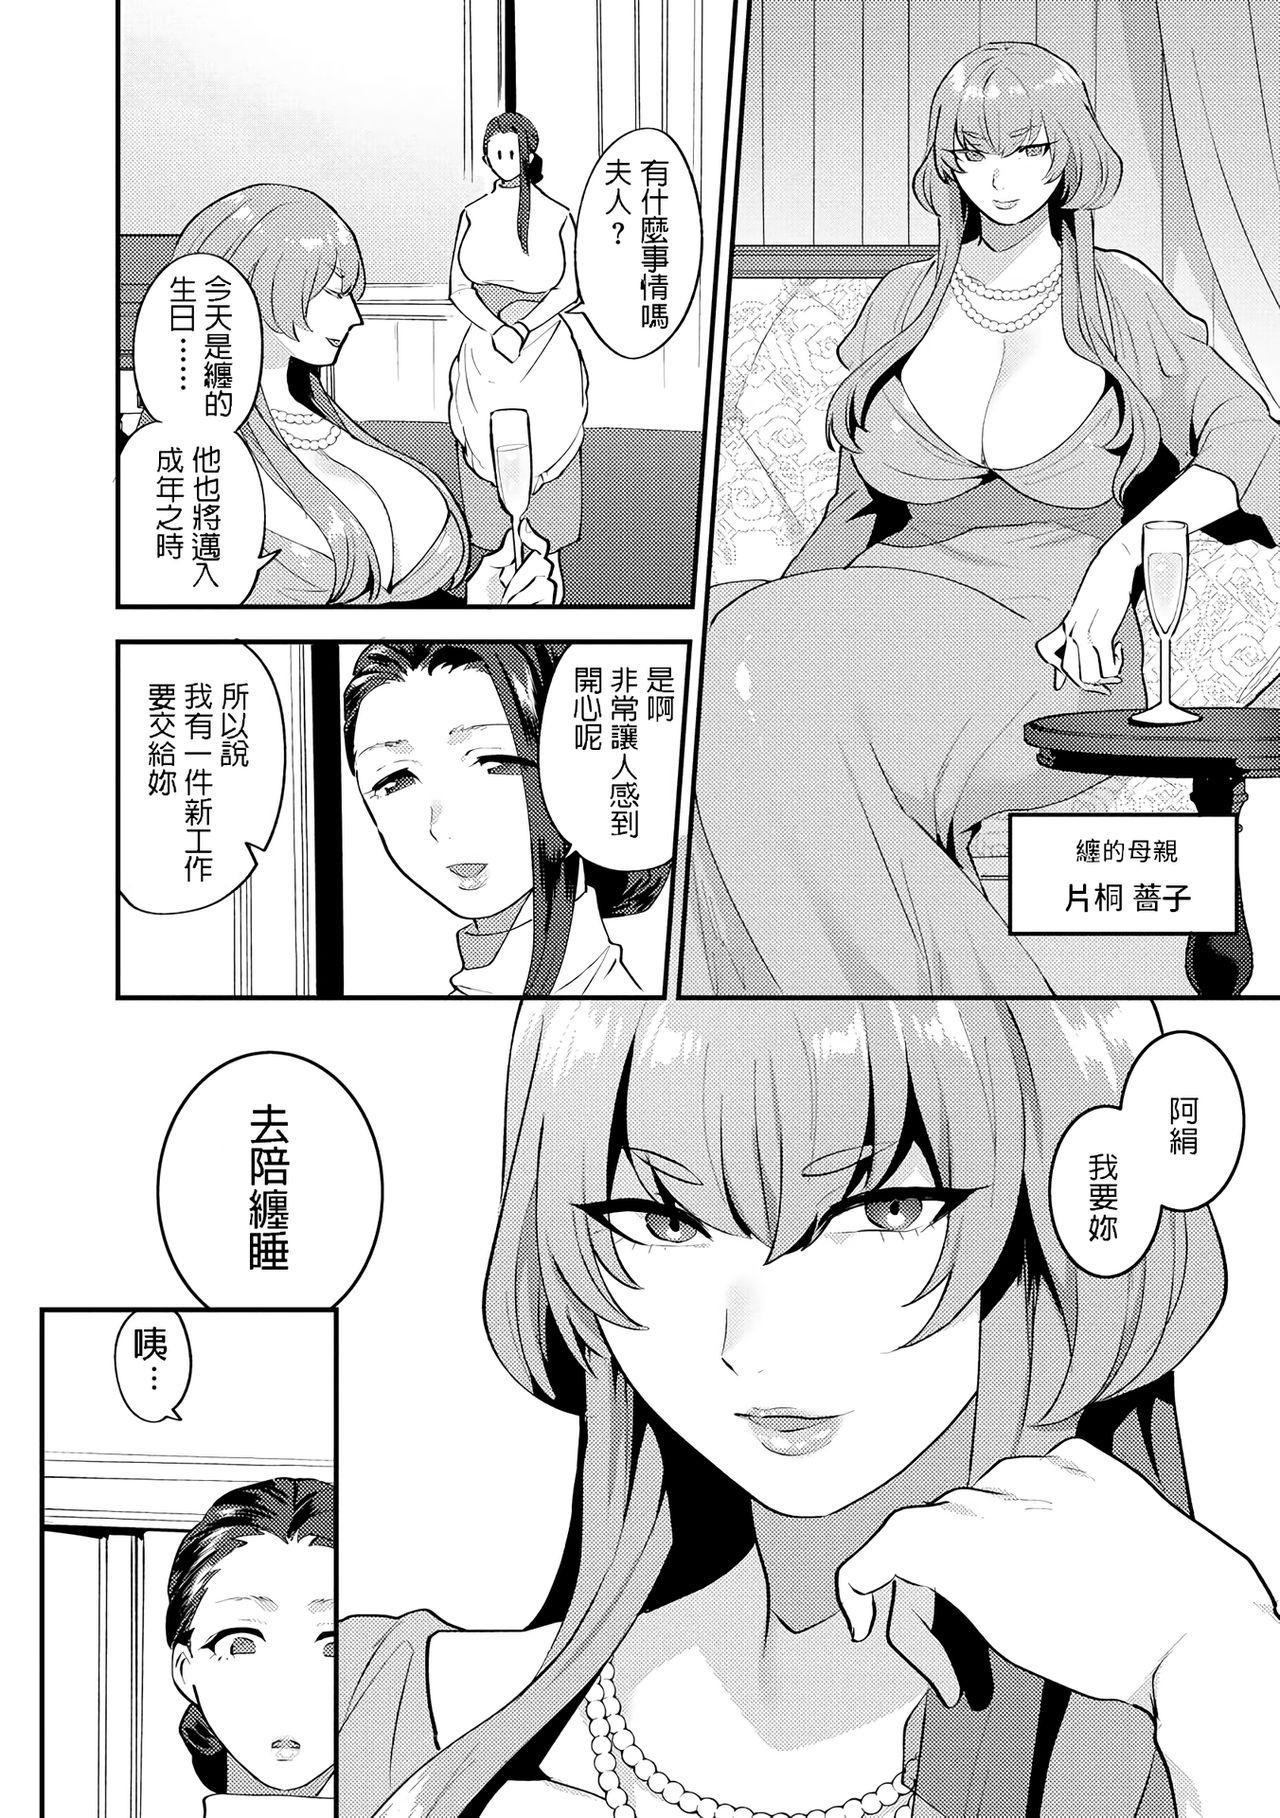 [Mogiki Hayami] Mayugomori ~Neeya to Boku no Midara na Himegoto~ Ch. 1 (Magazine Cyberia Vol. 125) [Chinese] 3